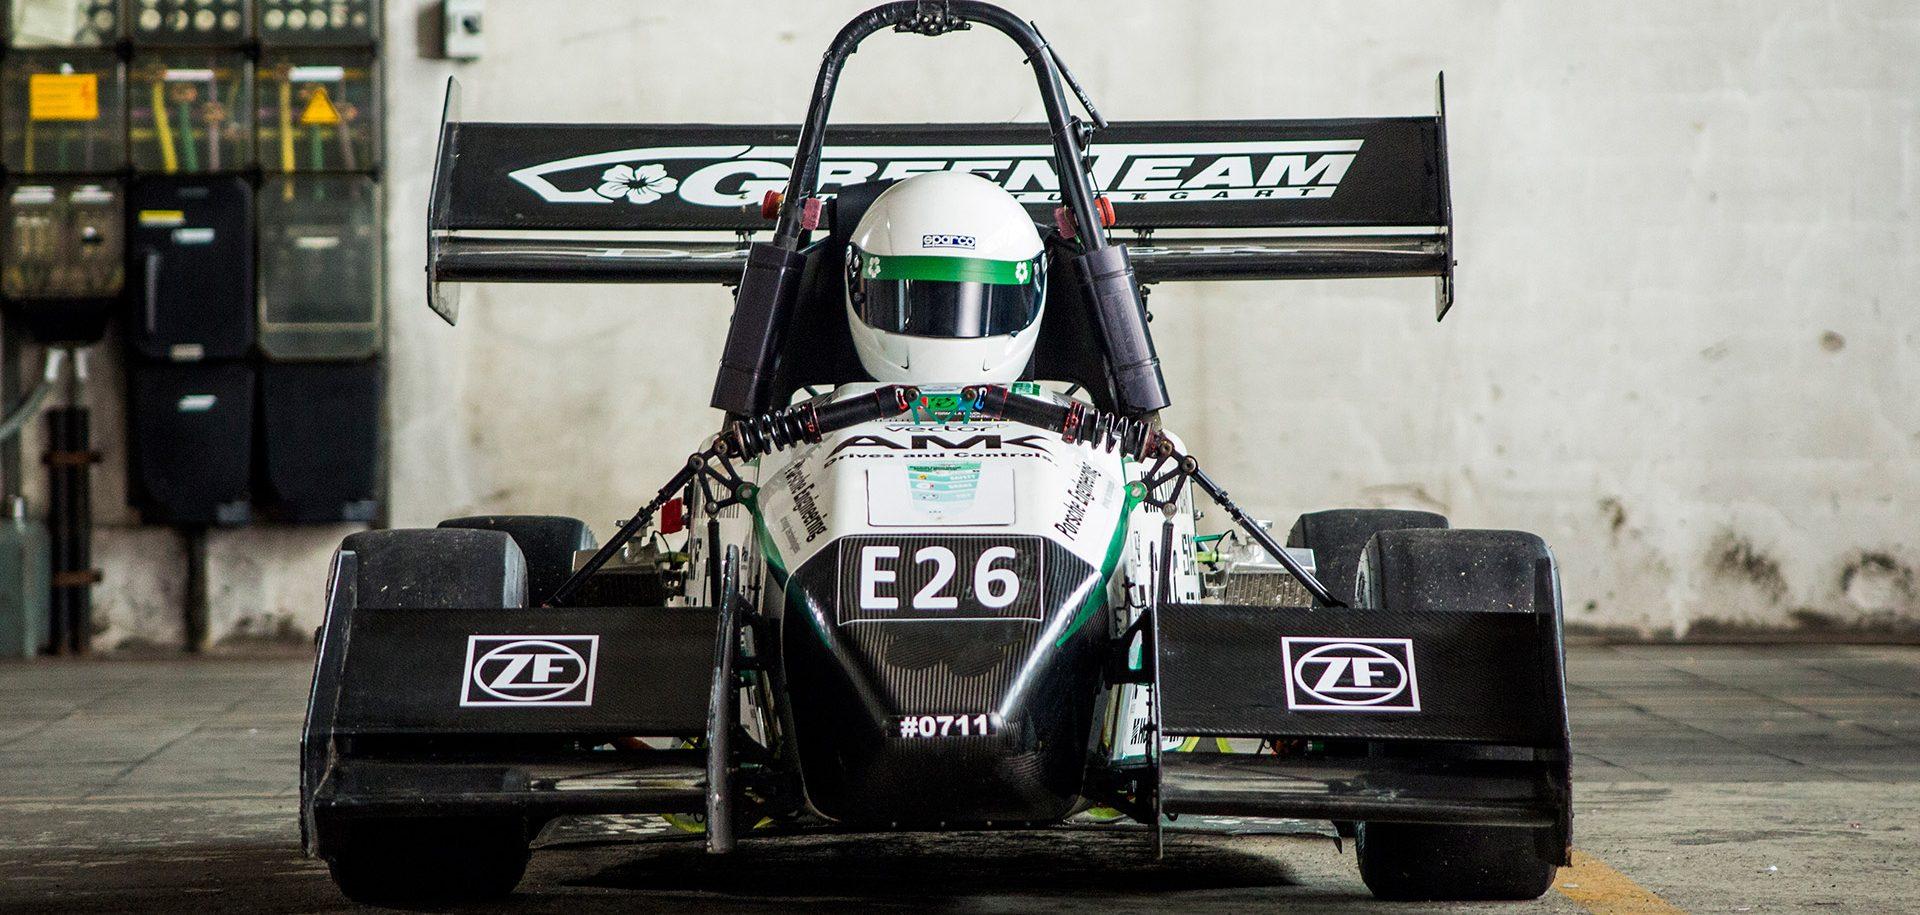 E0711-4-Green Team